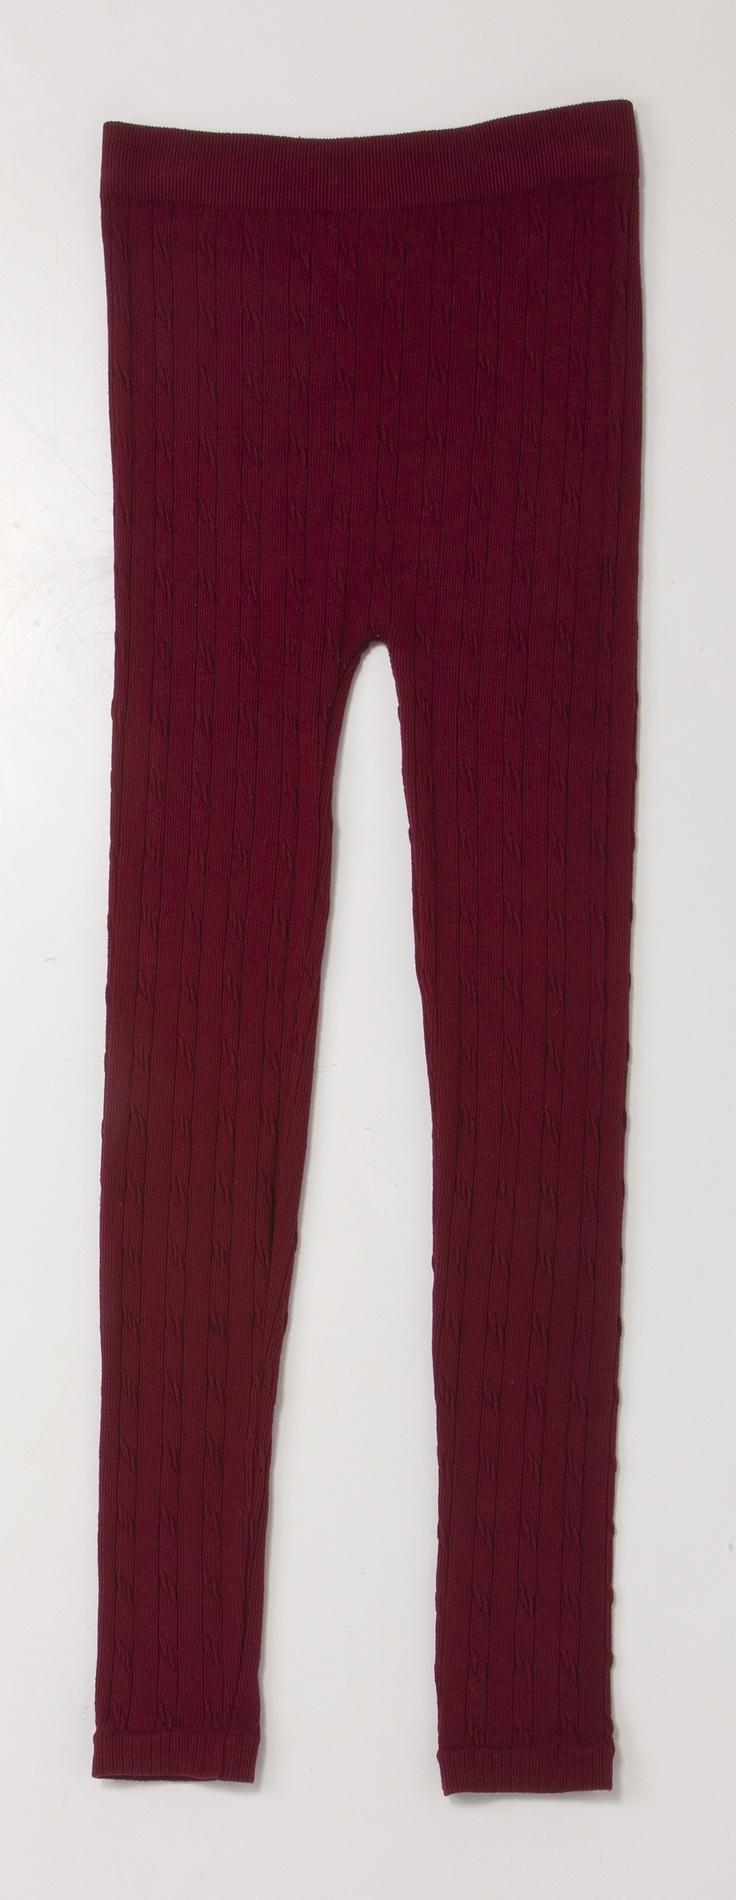 Burgundy Knit Leggings